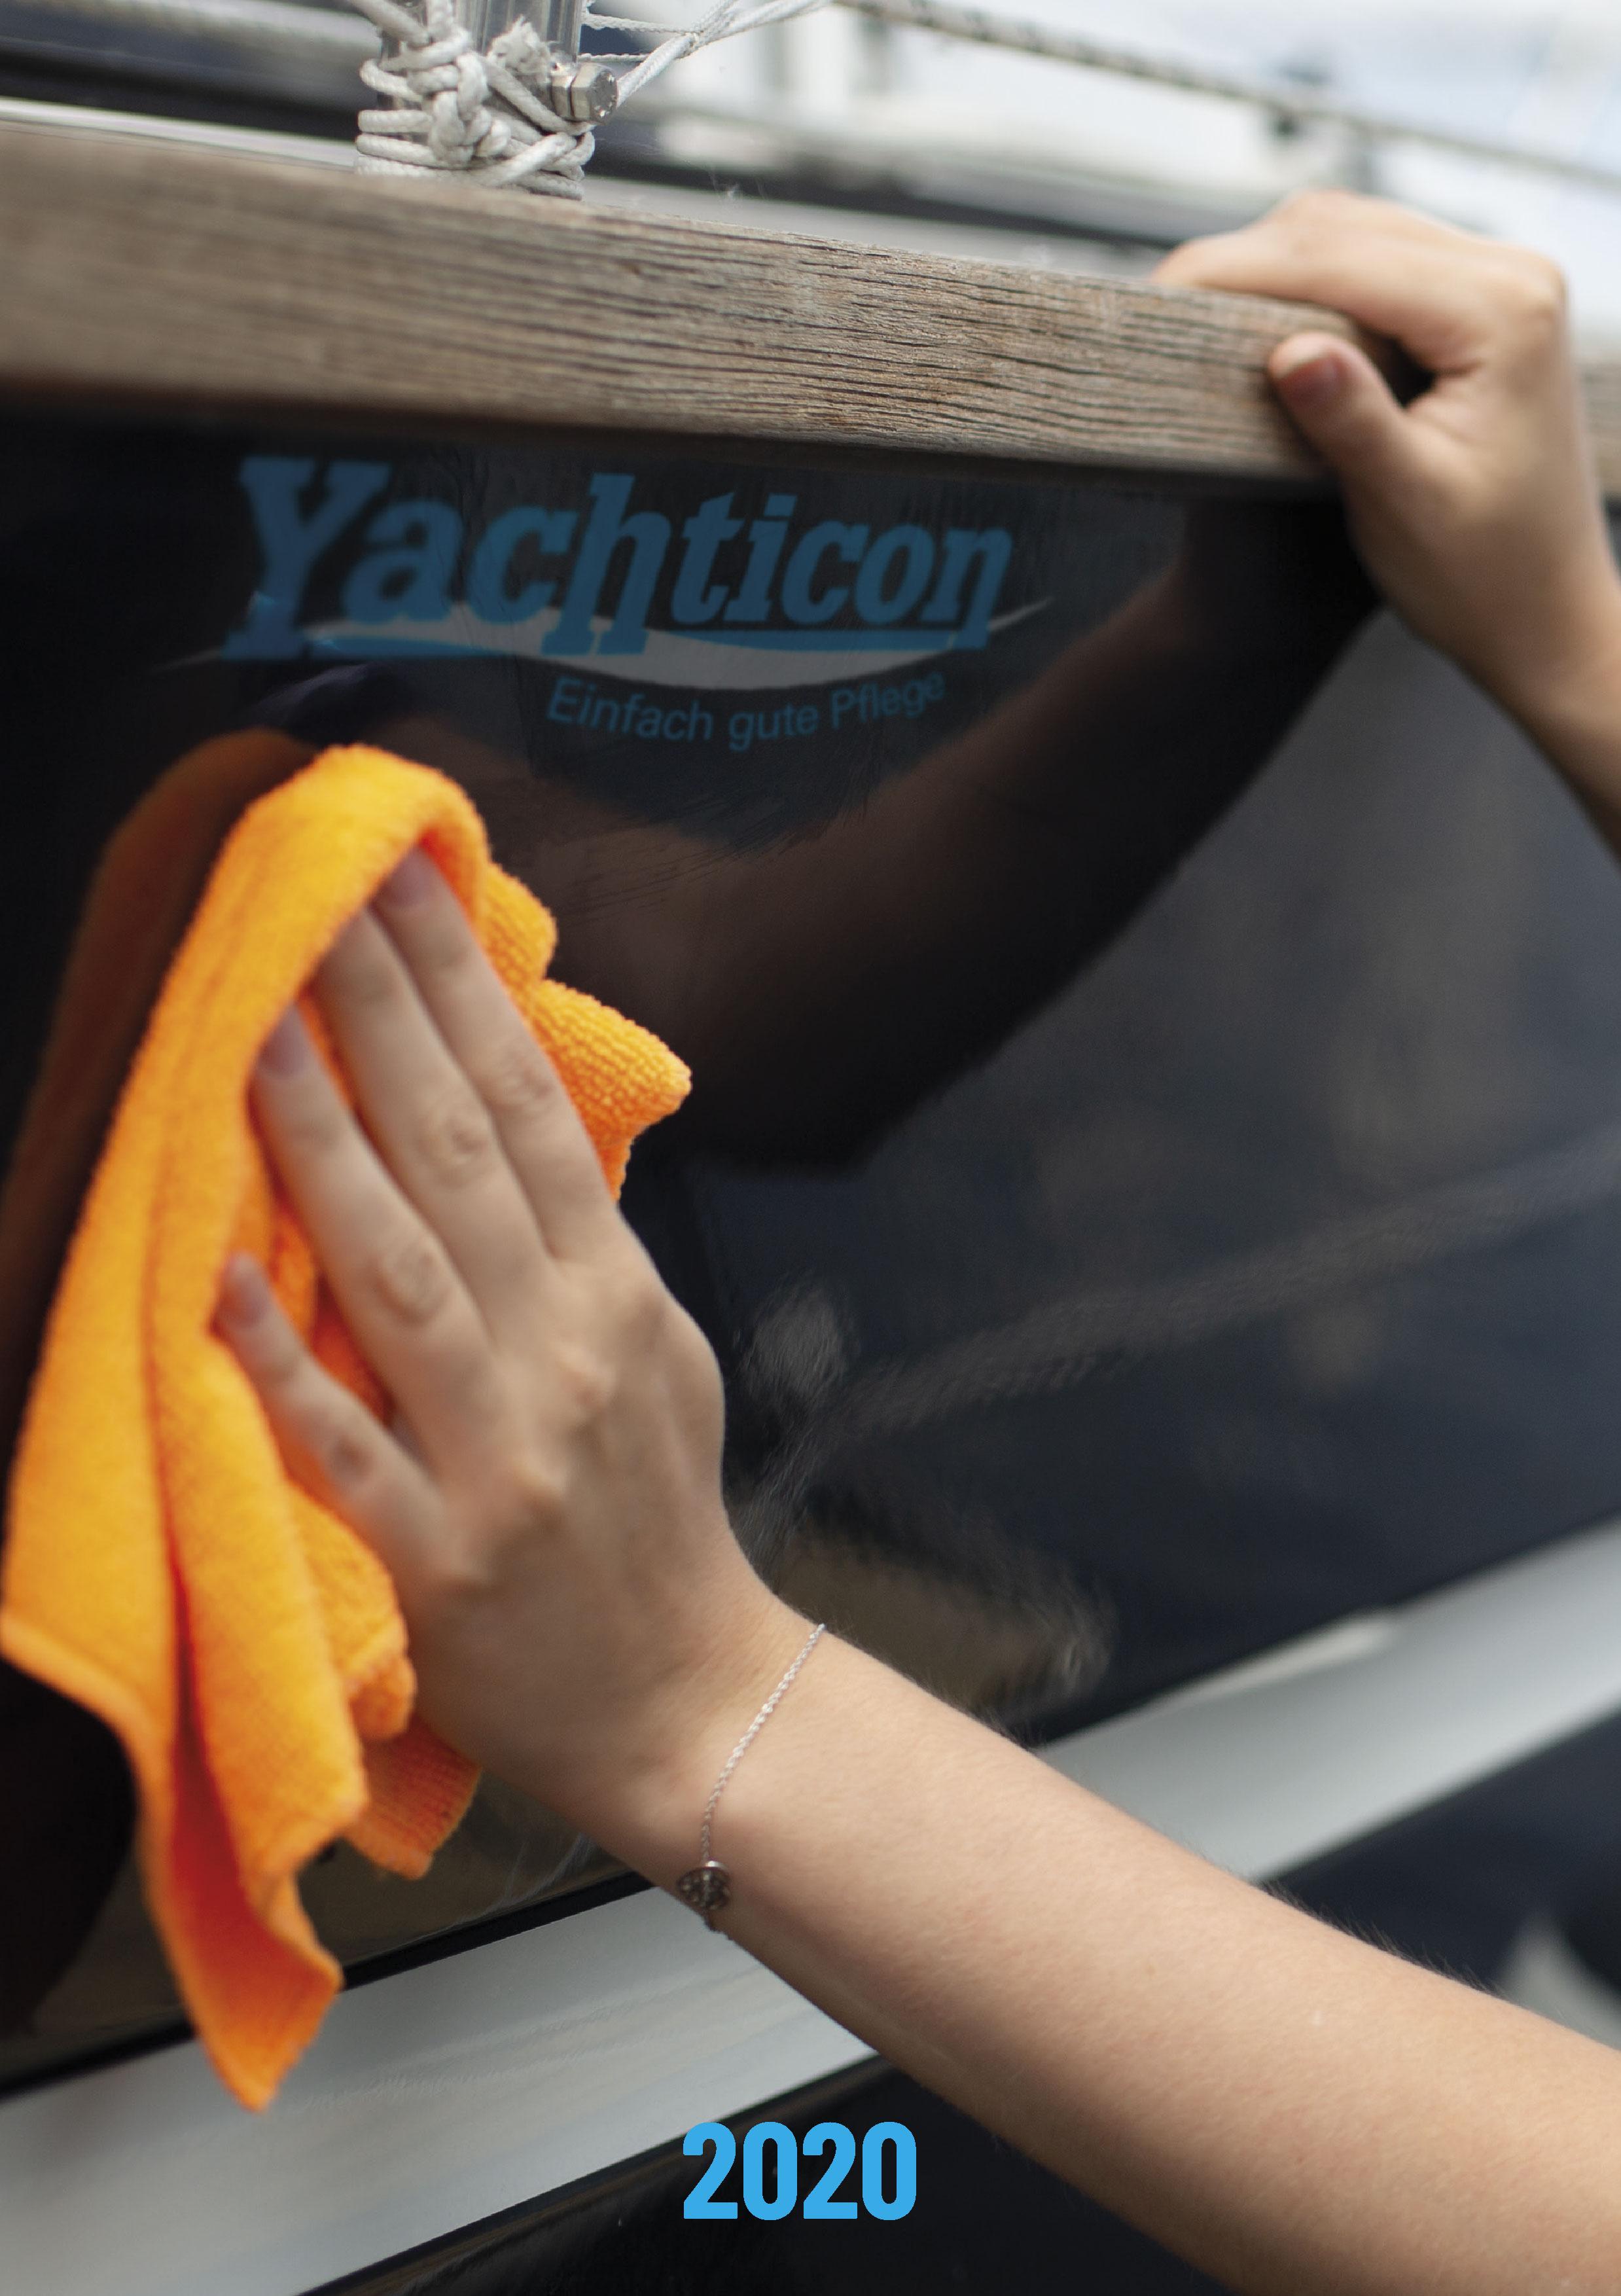 Yachticon - Pflegemittel für Boot, Caravan und Auto